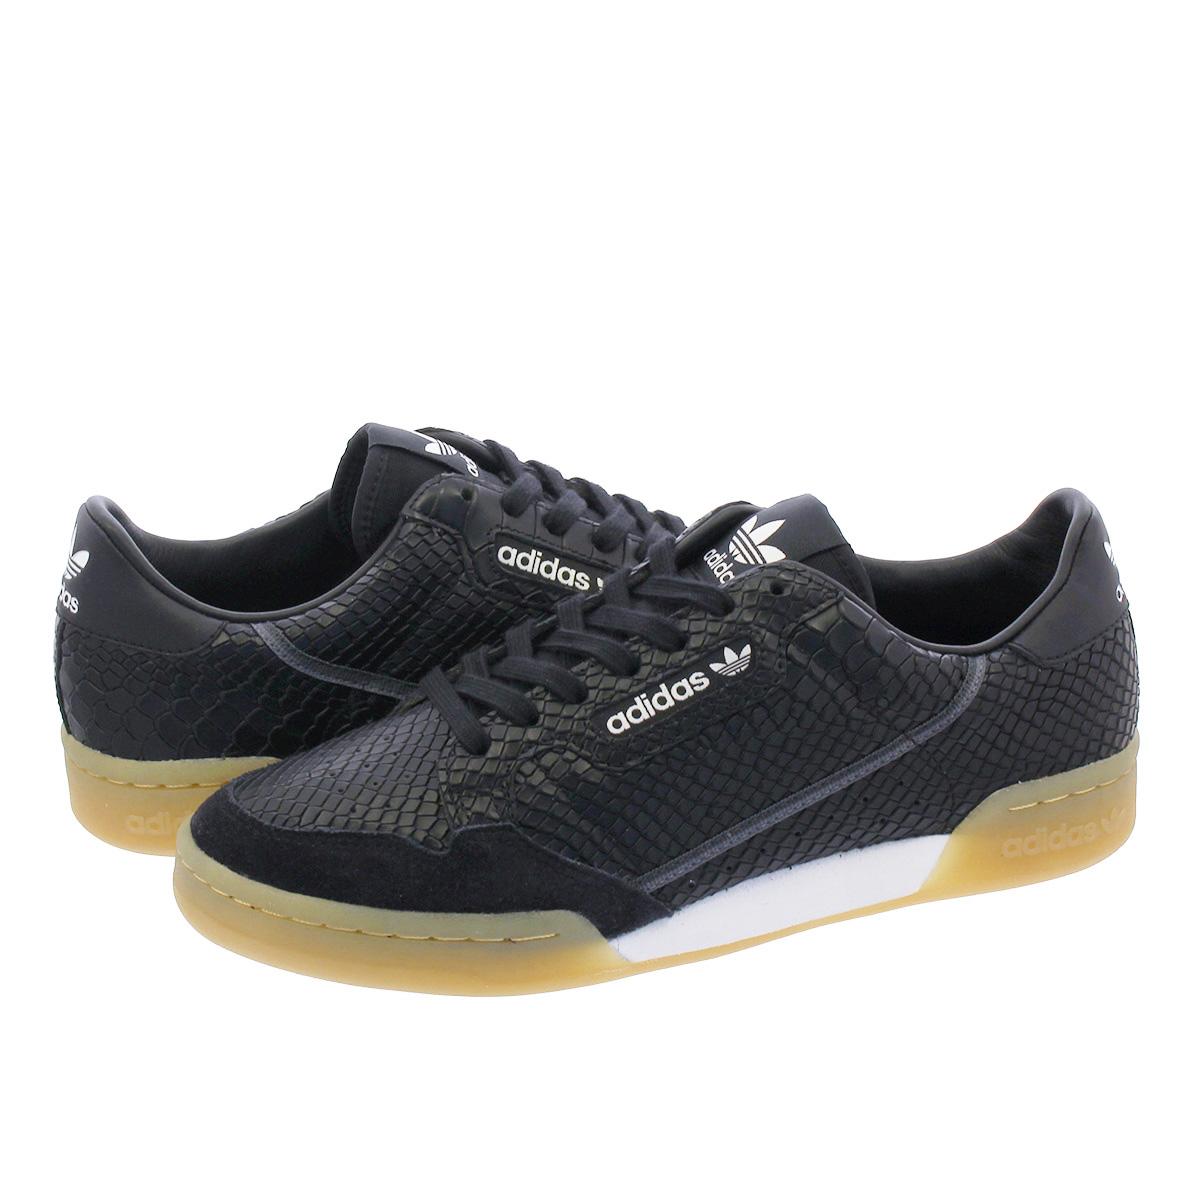 【毎日がお得!値下げプライス】 adidas CONTINENTAL 80 【adidas Originals】 アディダス コンチネンタル 80 CORE BLACK/CARBON/GREY FIVE b41678